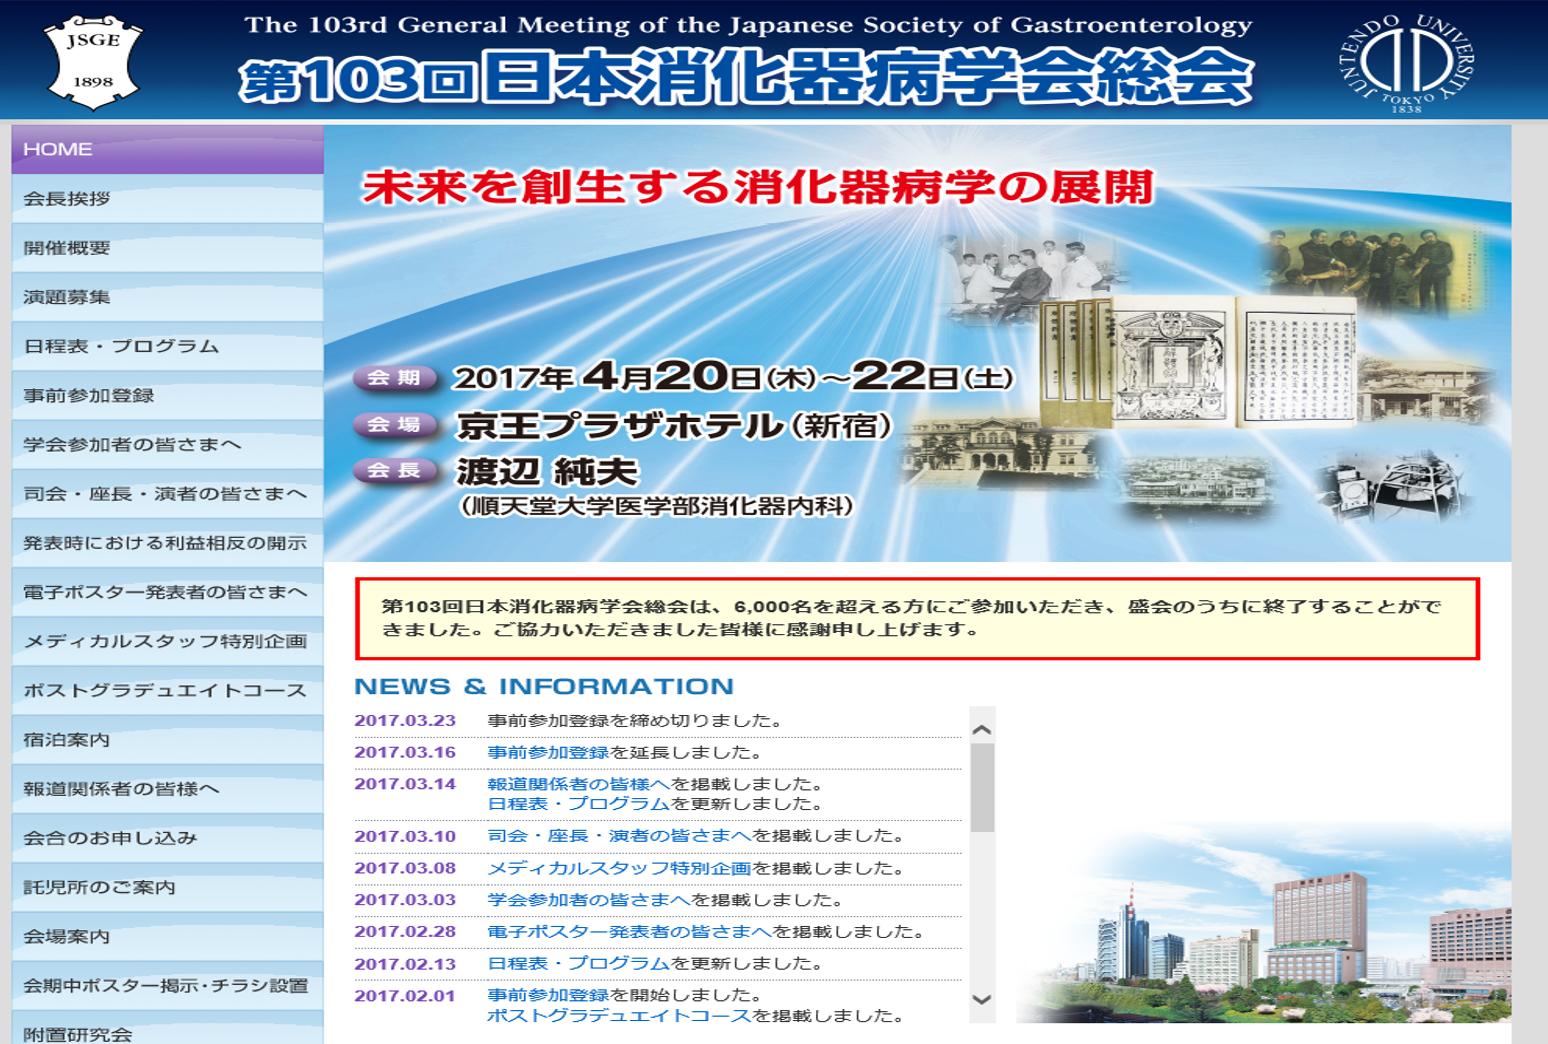 第103回日本消化器病学会総会 | ...